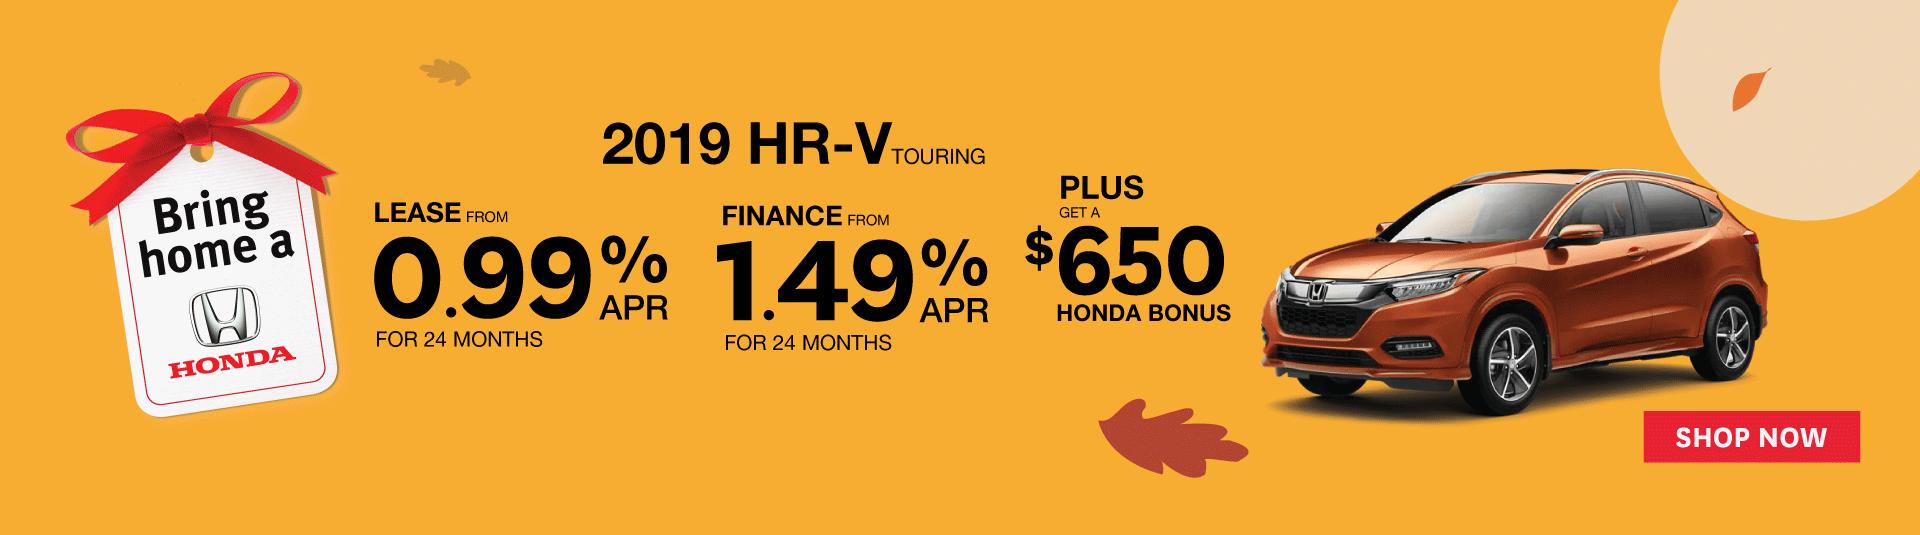 2019 HR-V Touring - Goderich Honda